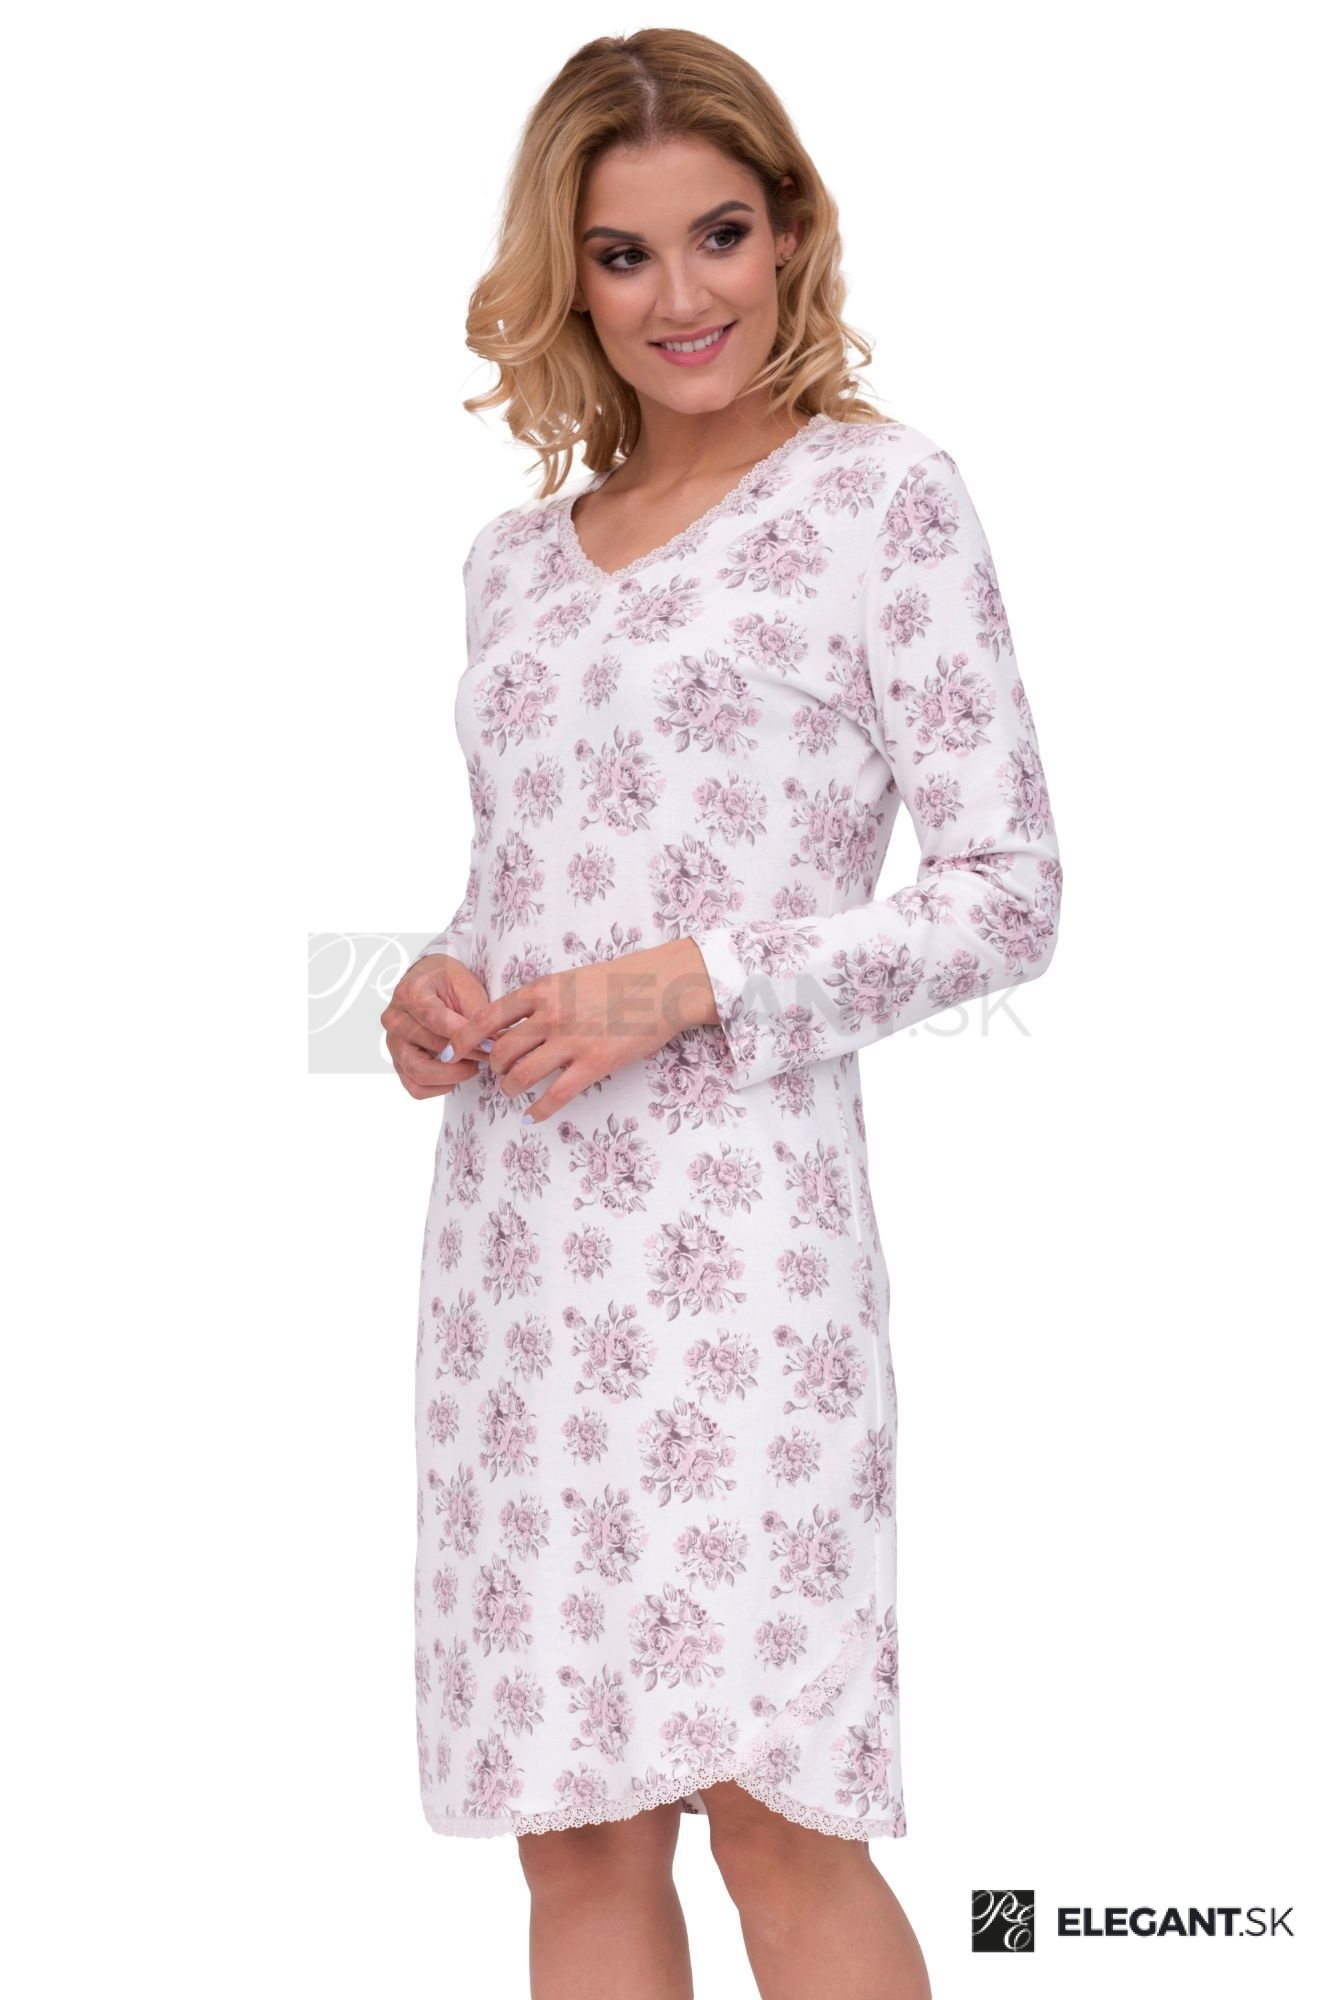 fd0528027f55 Luxusná dámska nočná košeľa Marie ecru ruže - ELEGANT.sk